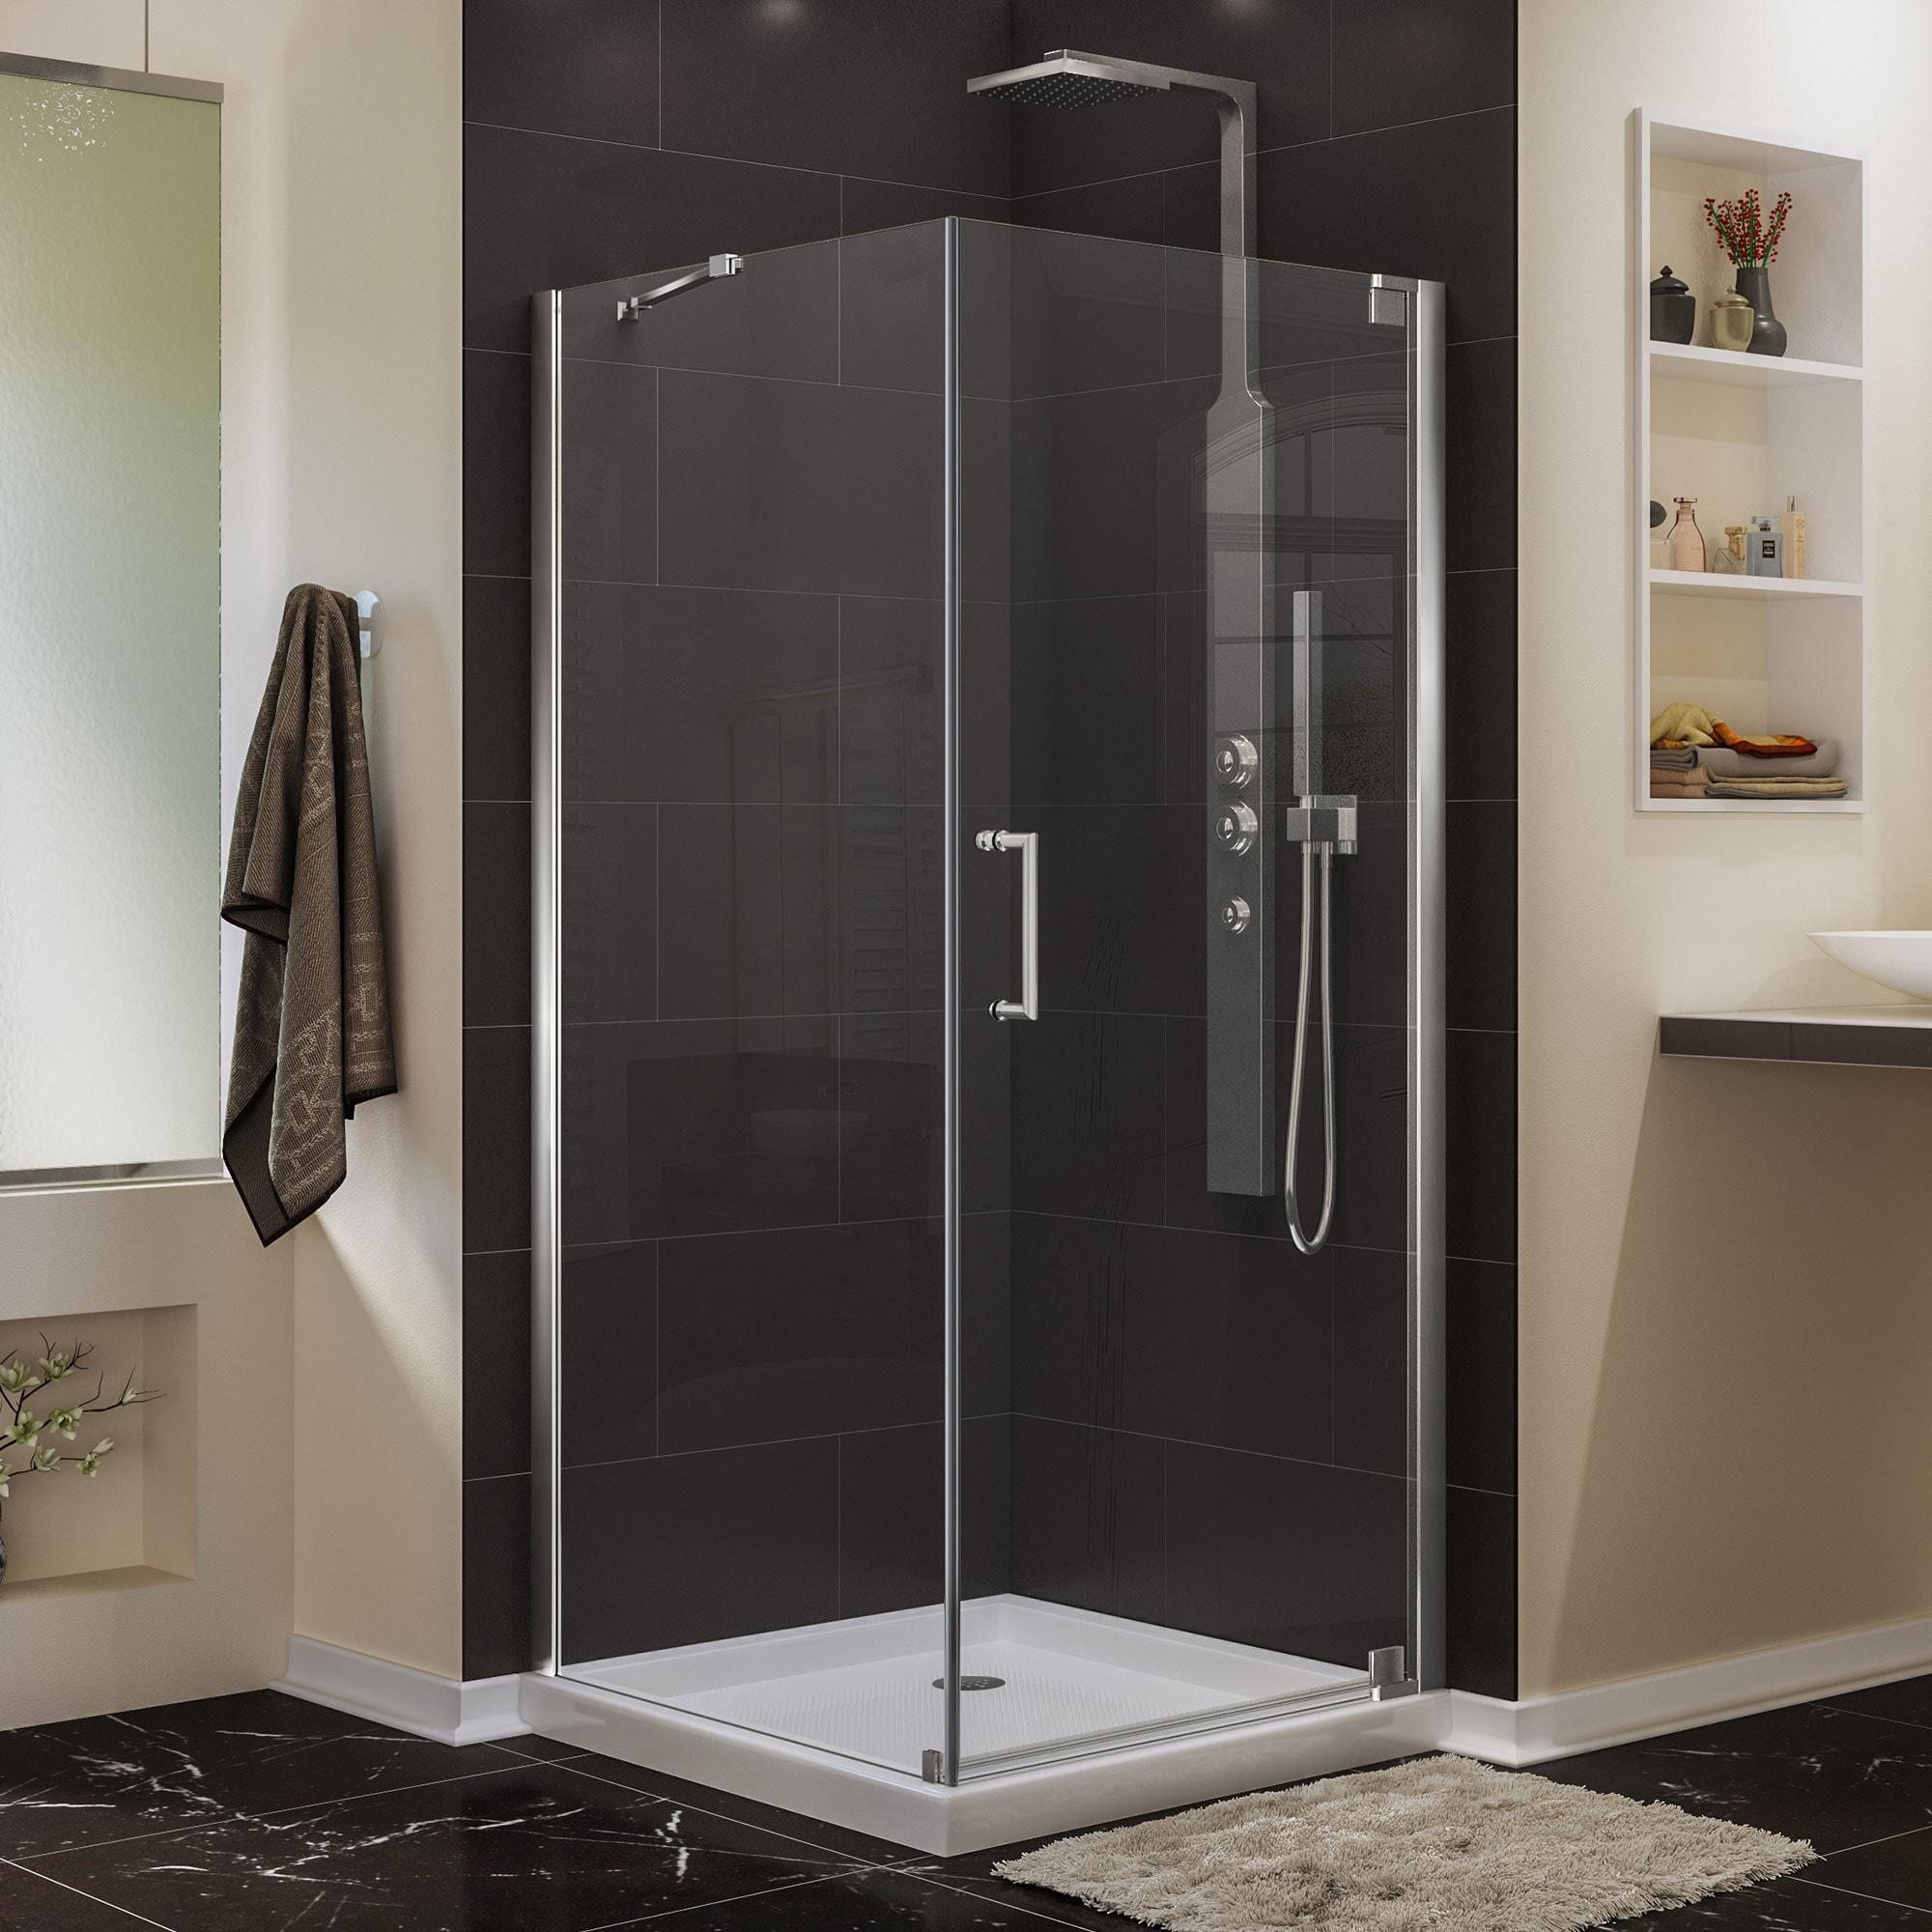 Shop Dreamline Elegance 30 In By 32 In Frameless Pivot Shower